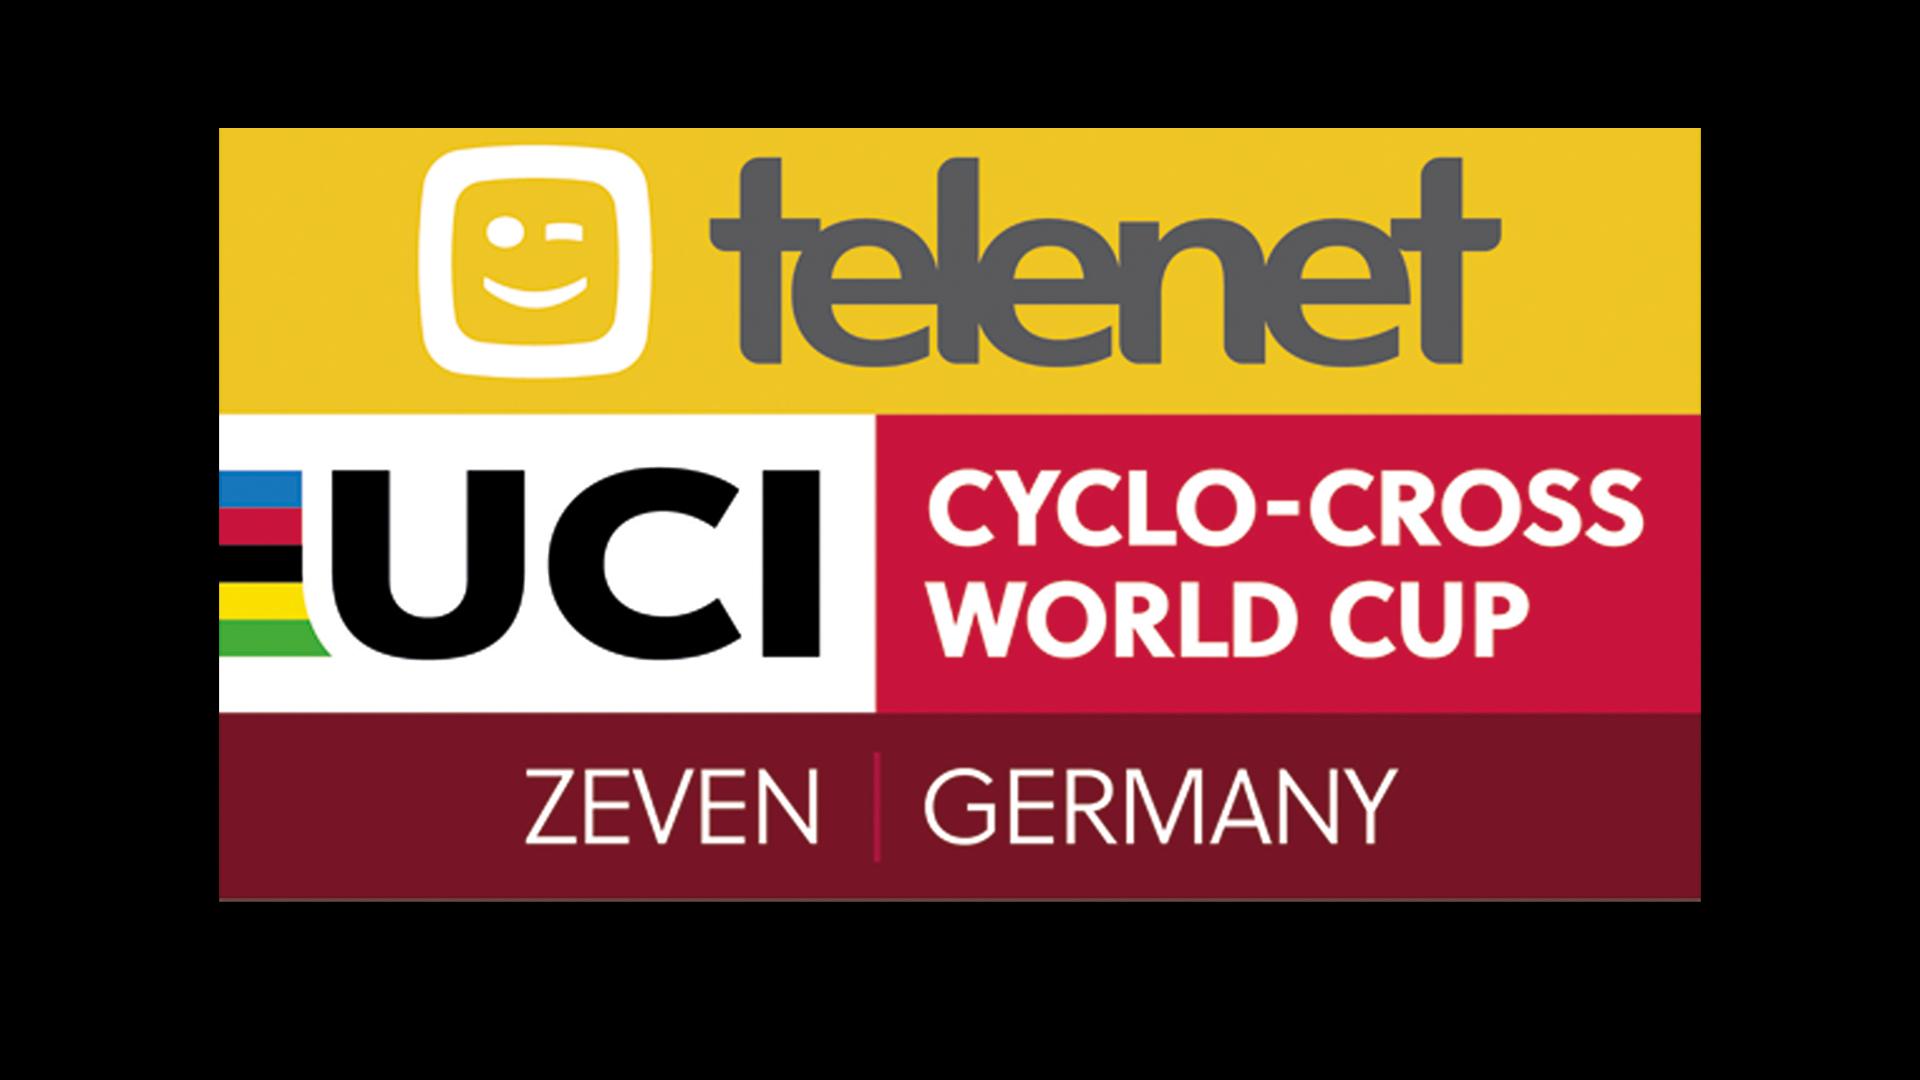 www.worldcupzeven.de